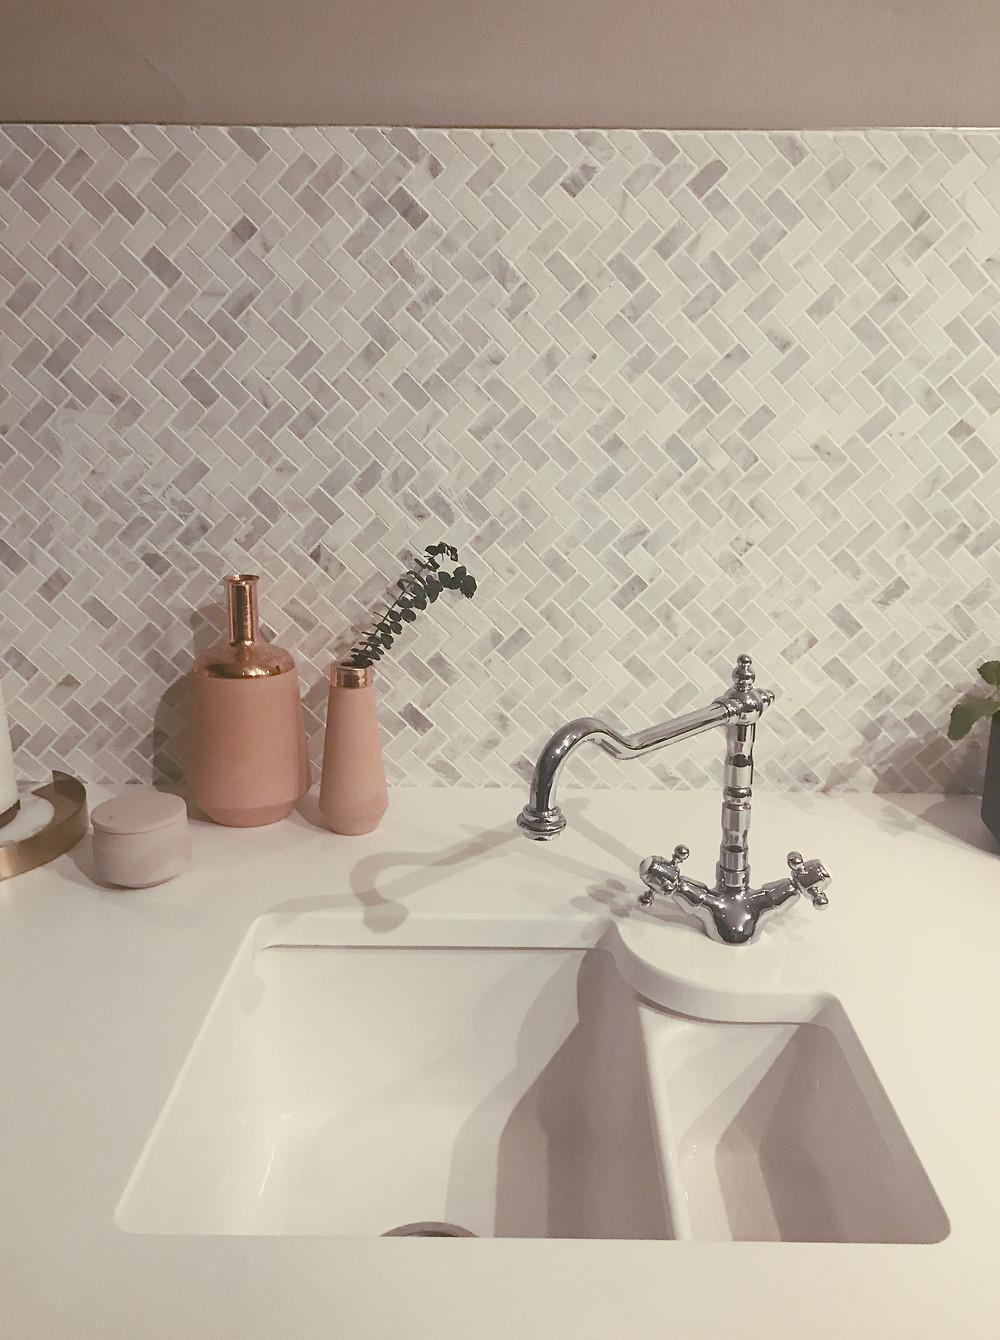 Pink modern kitchen sink